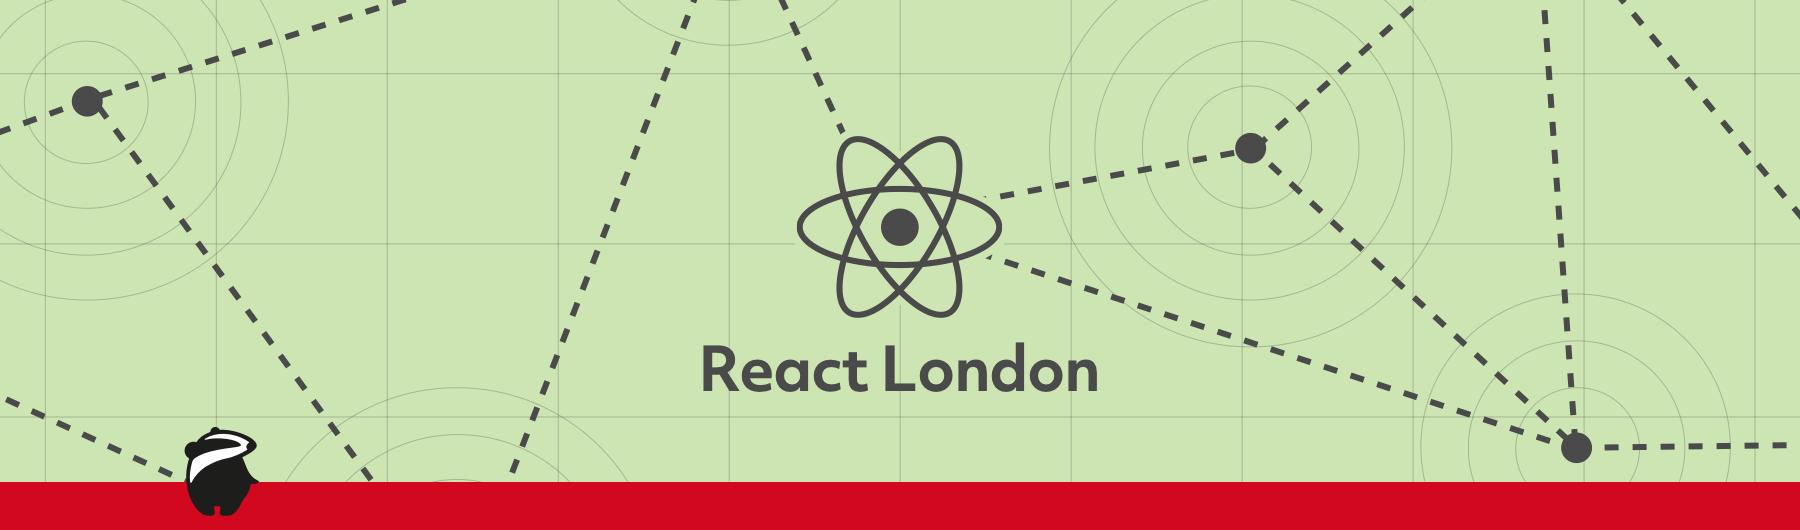 React London Meetup - August 2016